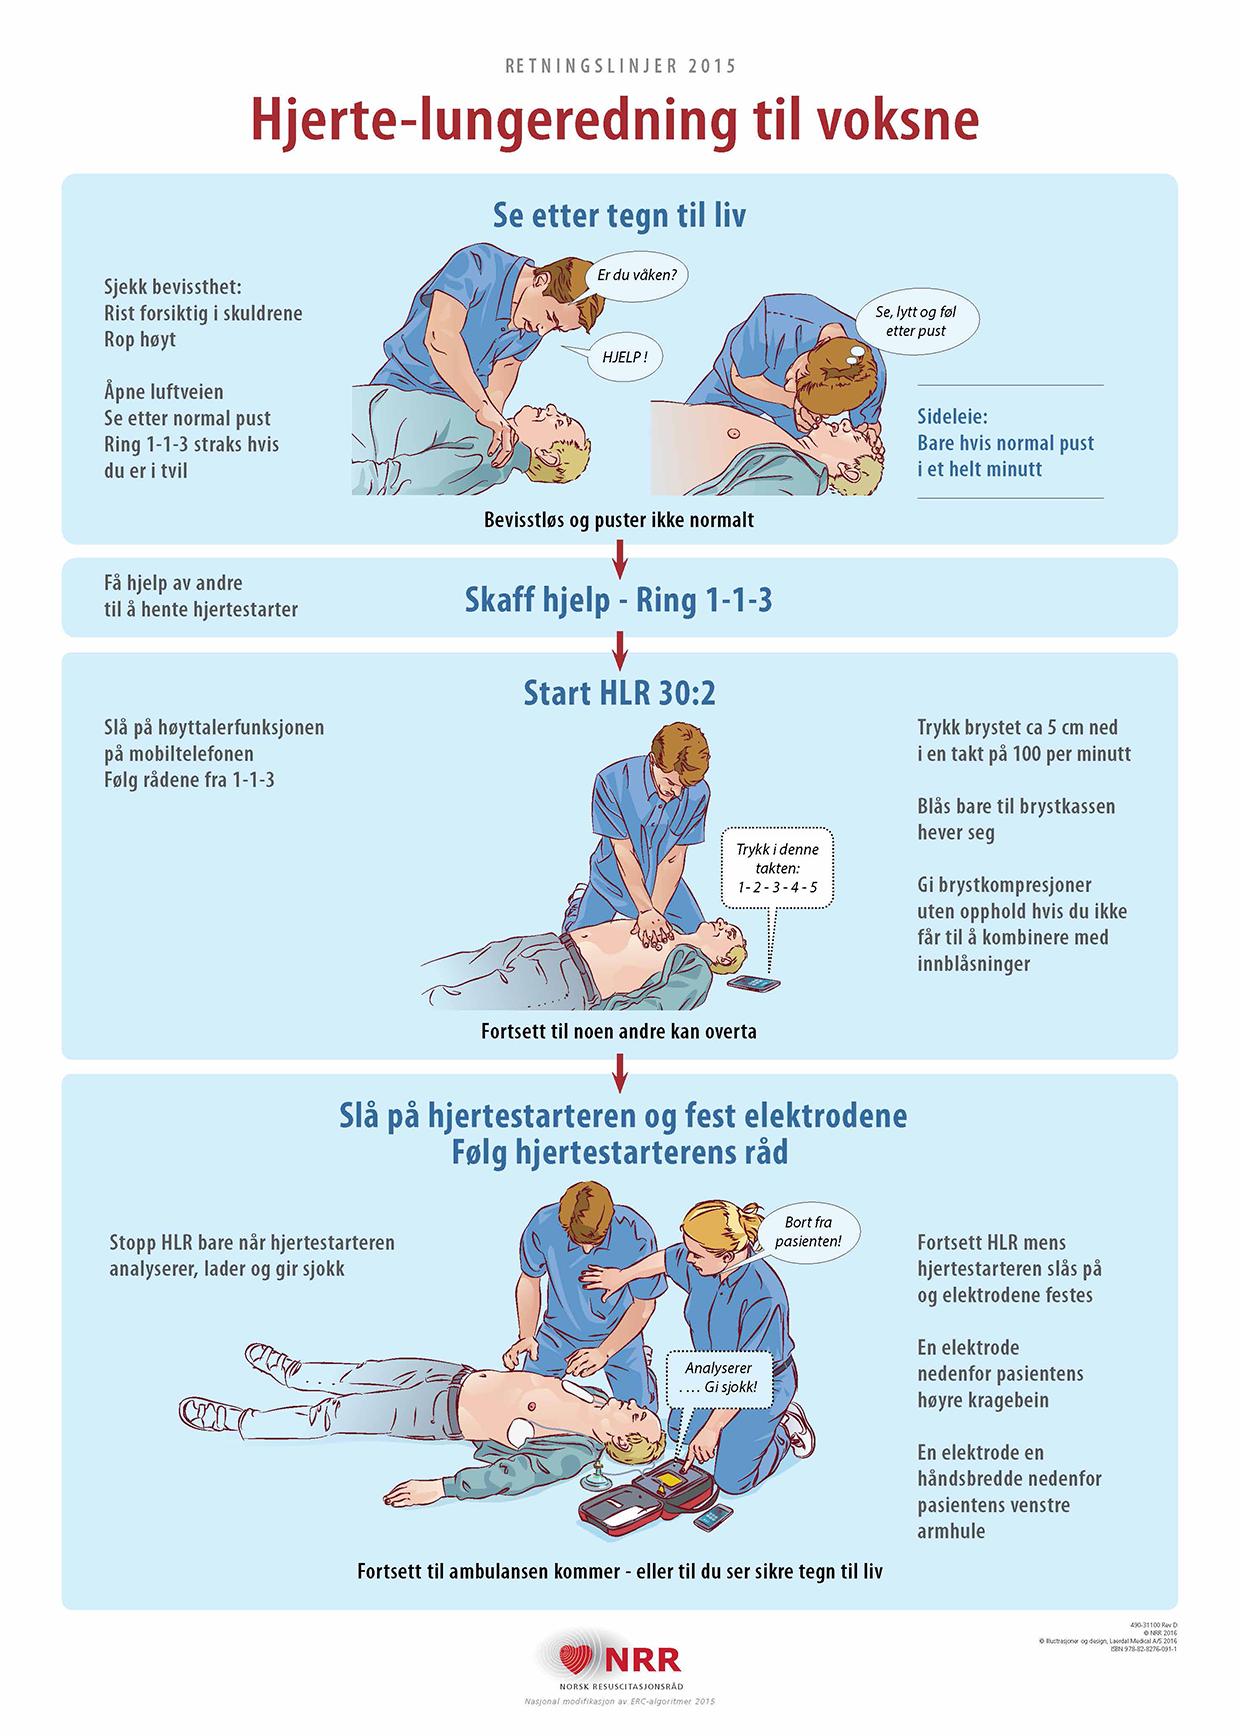 Plakat som viser hvordan man utfører hjerte-lungeredning på voksne